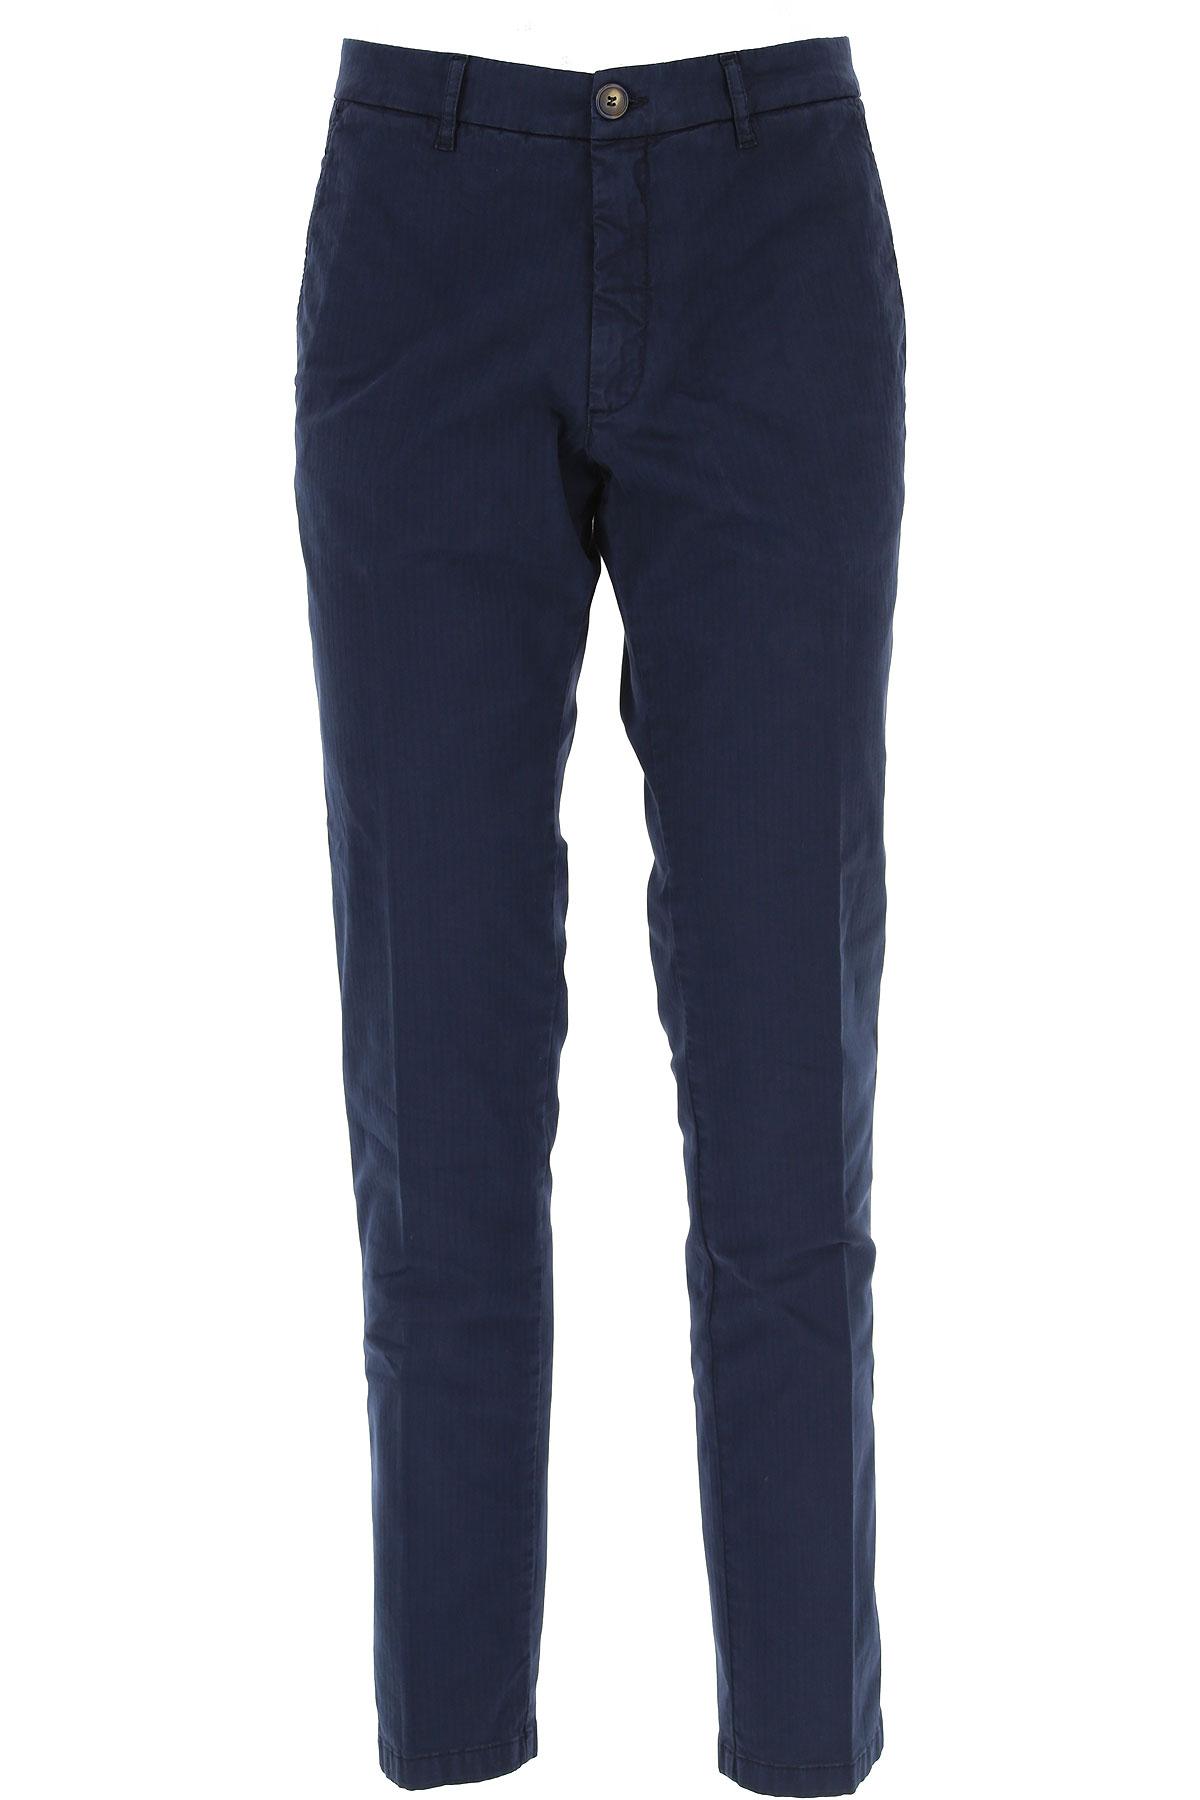 J.W. Brine Pantalon Homme Pas cher en Soldes, Bleu marine, Coton, 2019, 46 50 52 58